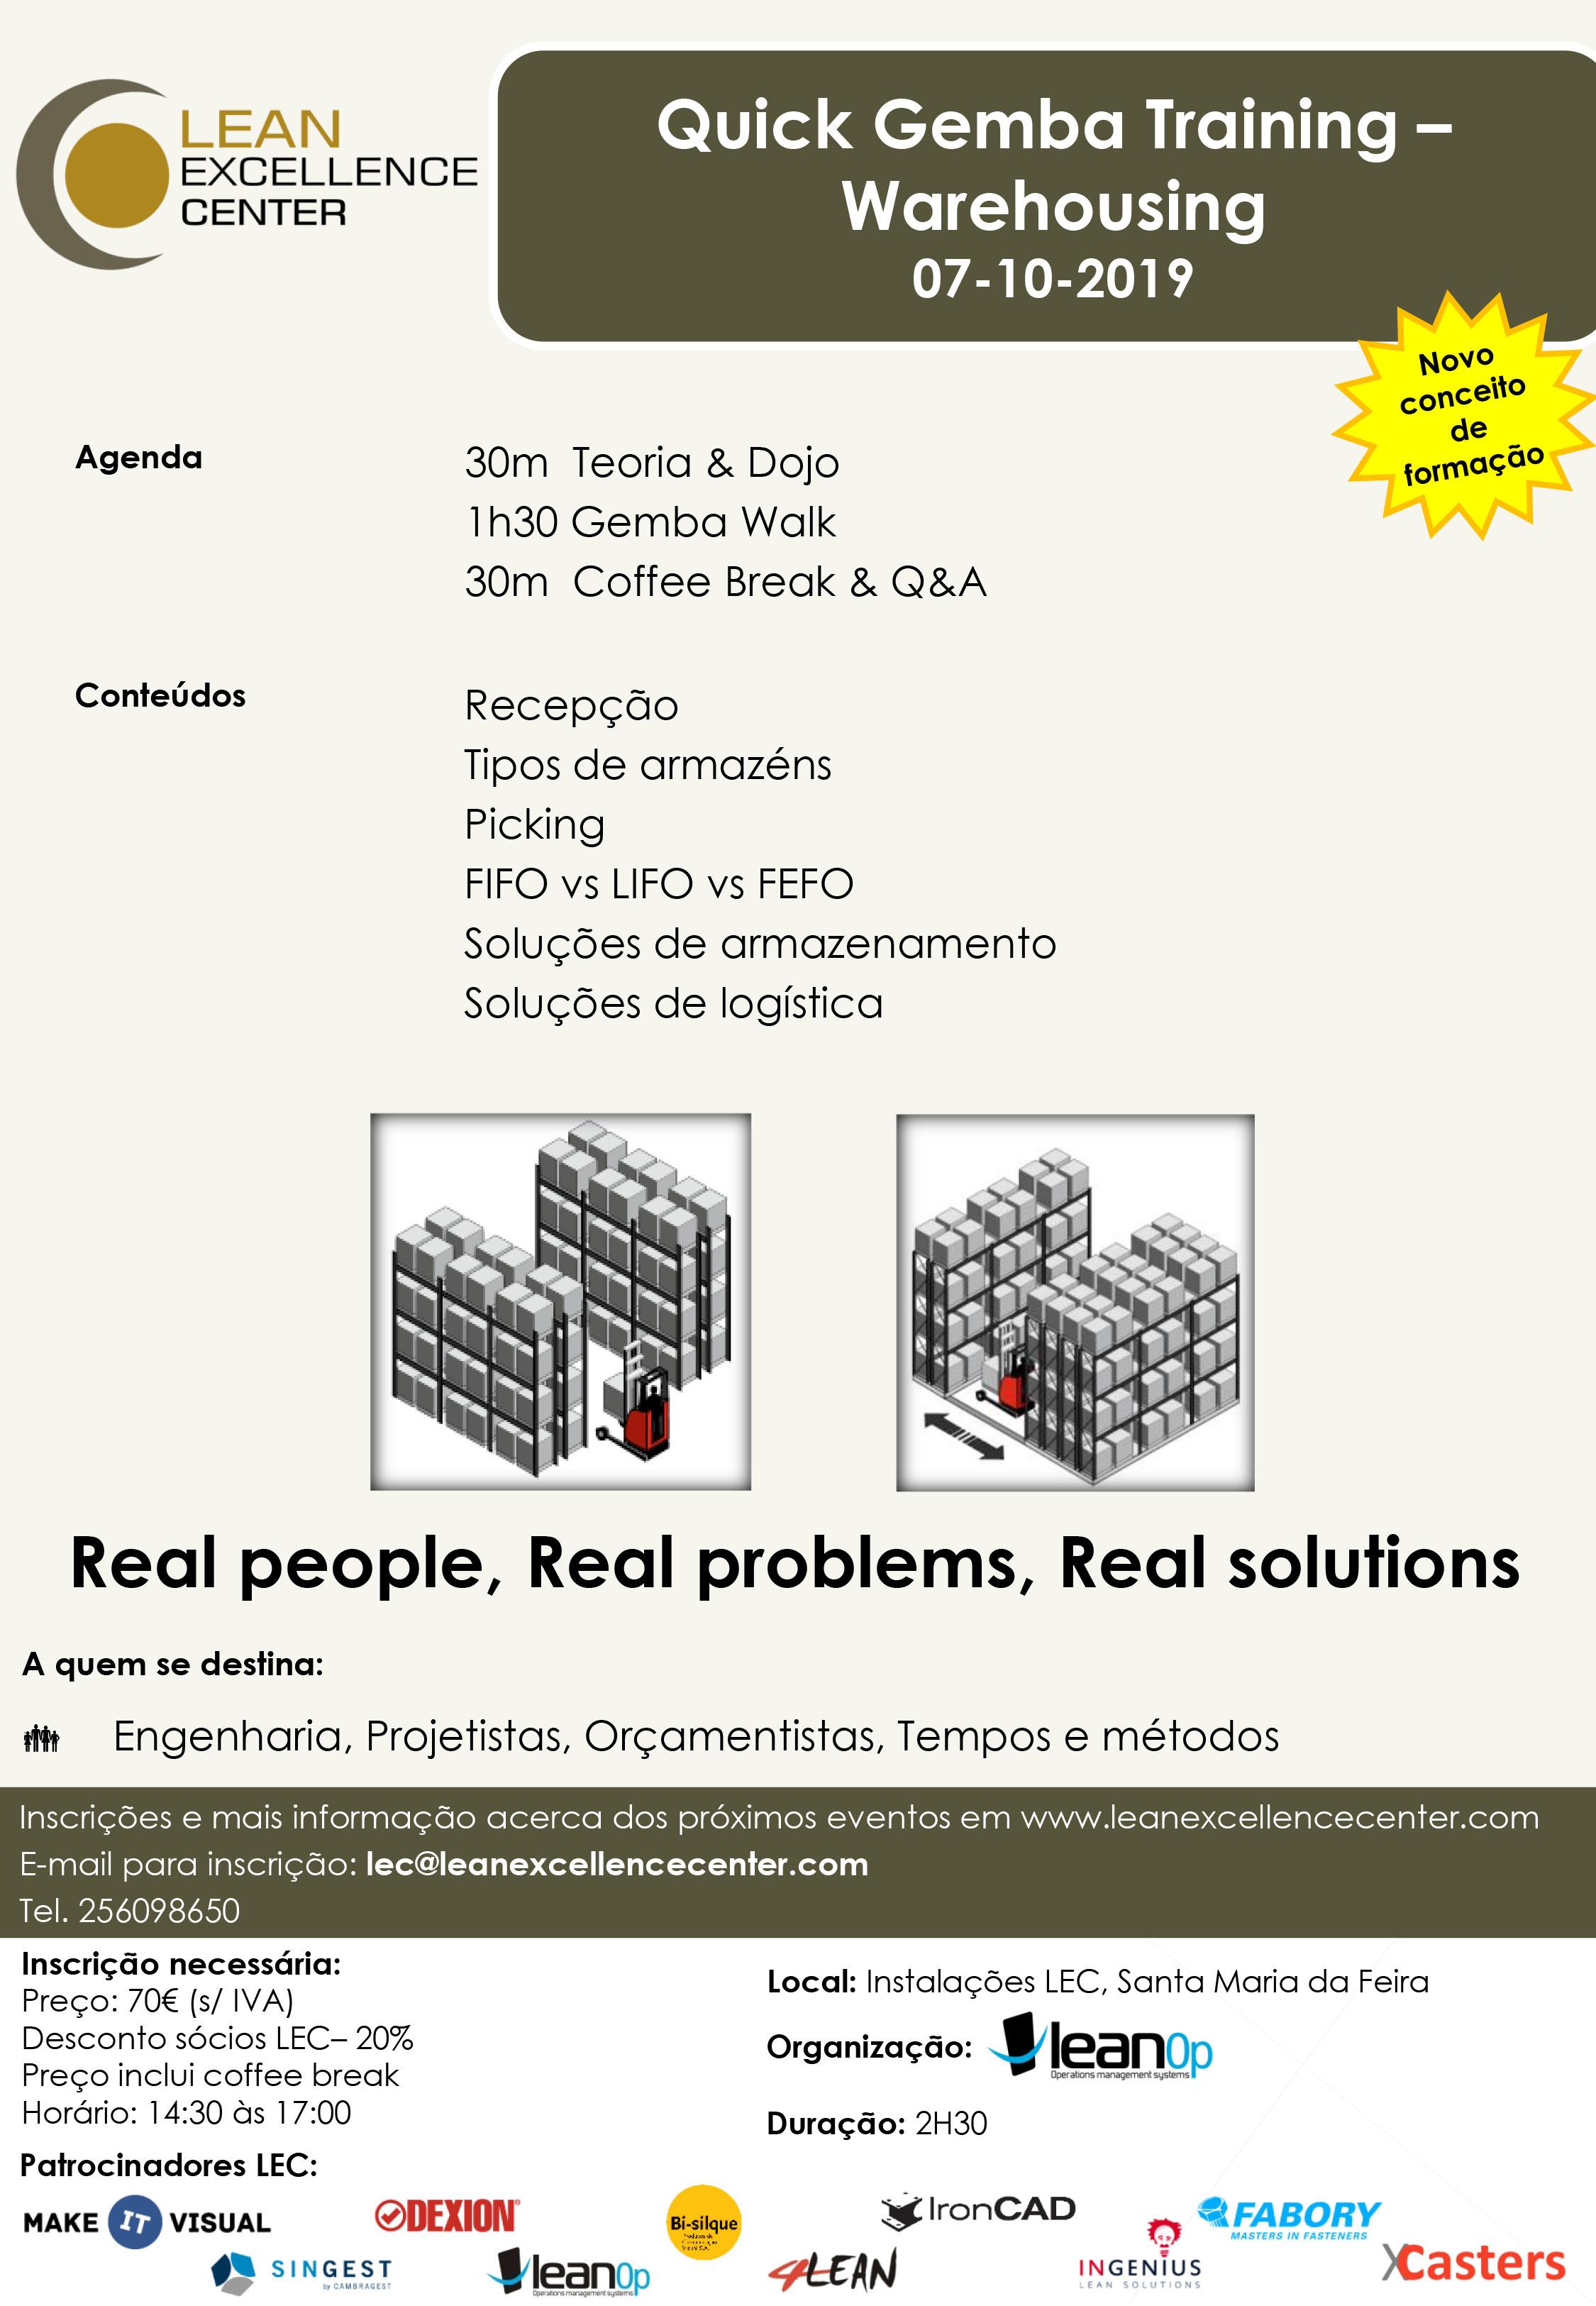 Quick Gemba Training – Warehousing